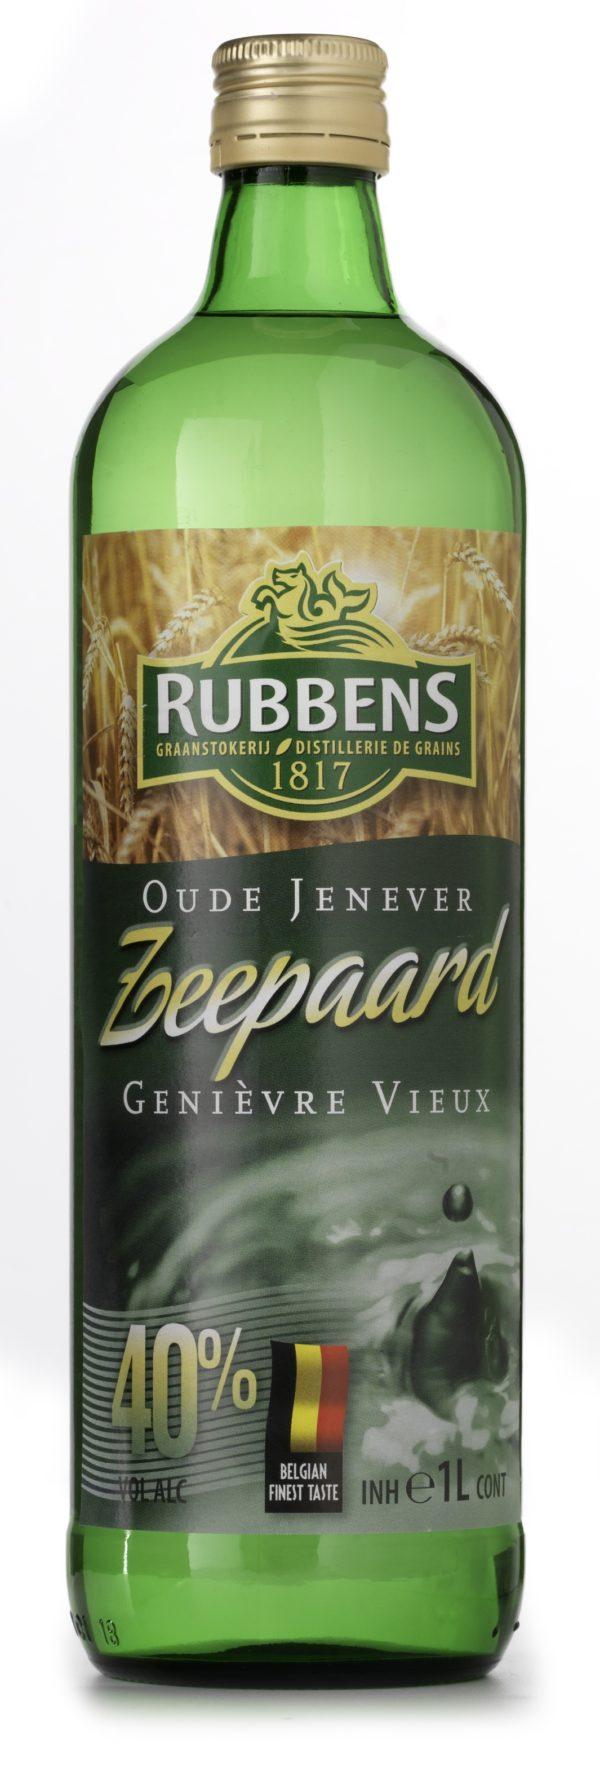 Zeepaard Oude Jenever 40% - 1L